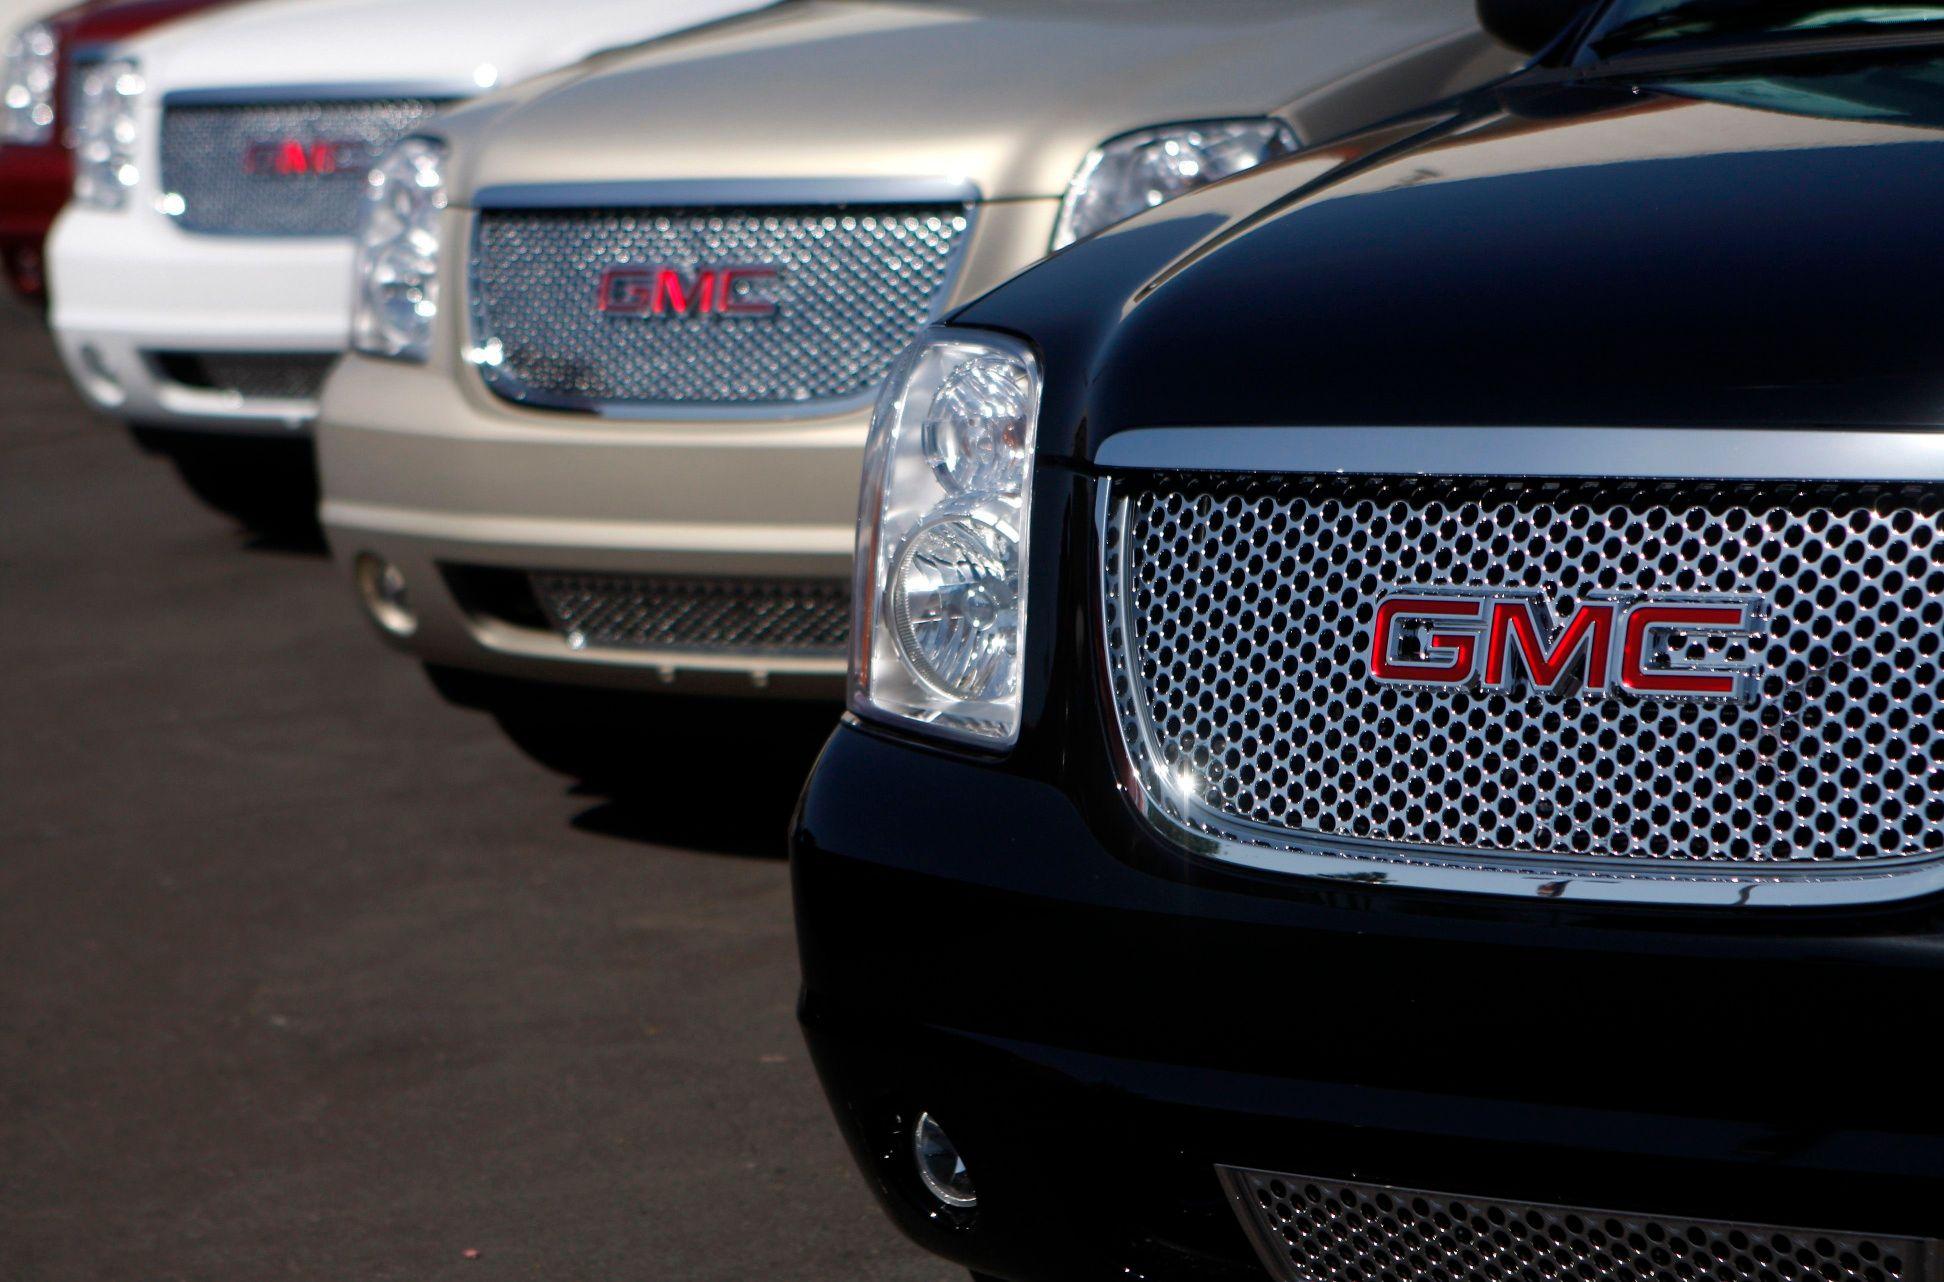 Venezuela zn rodnila tov rnu general motors v etn for General motors new cars